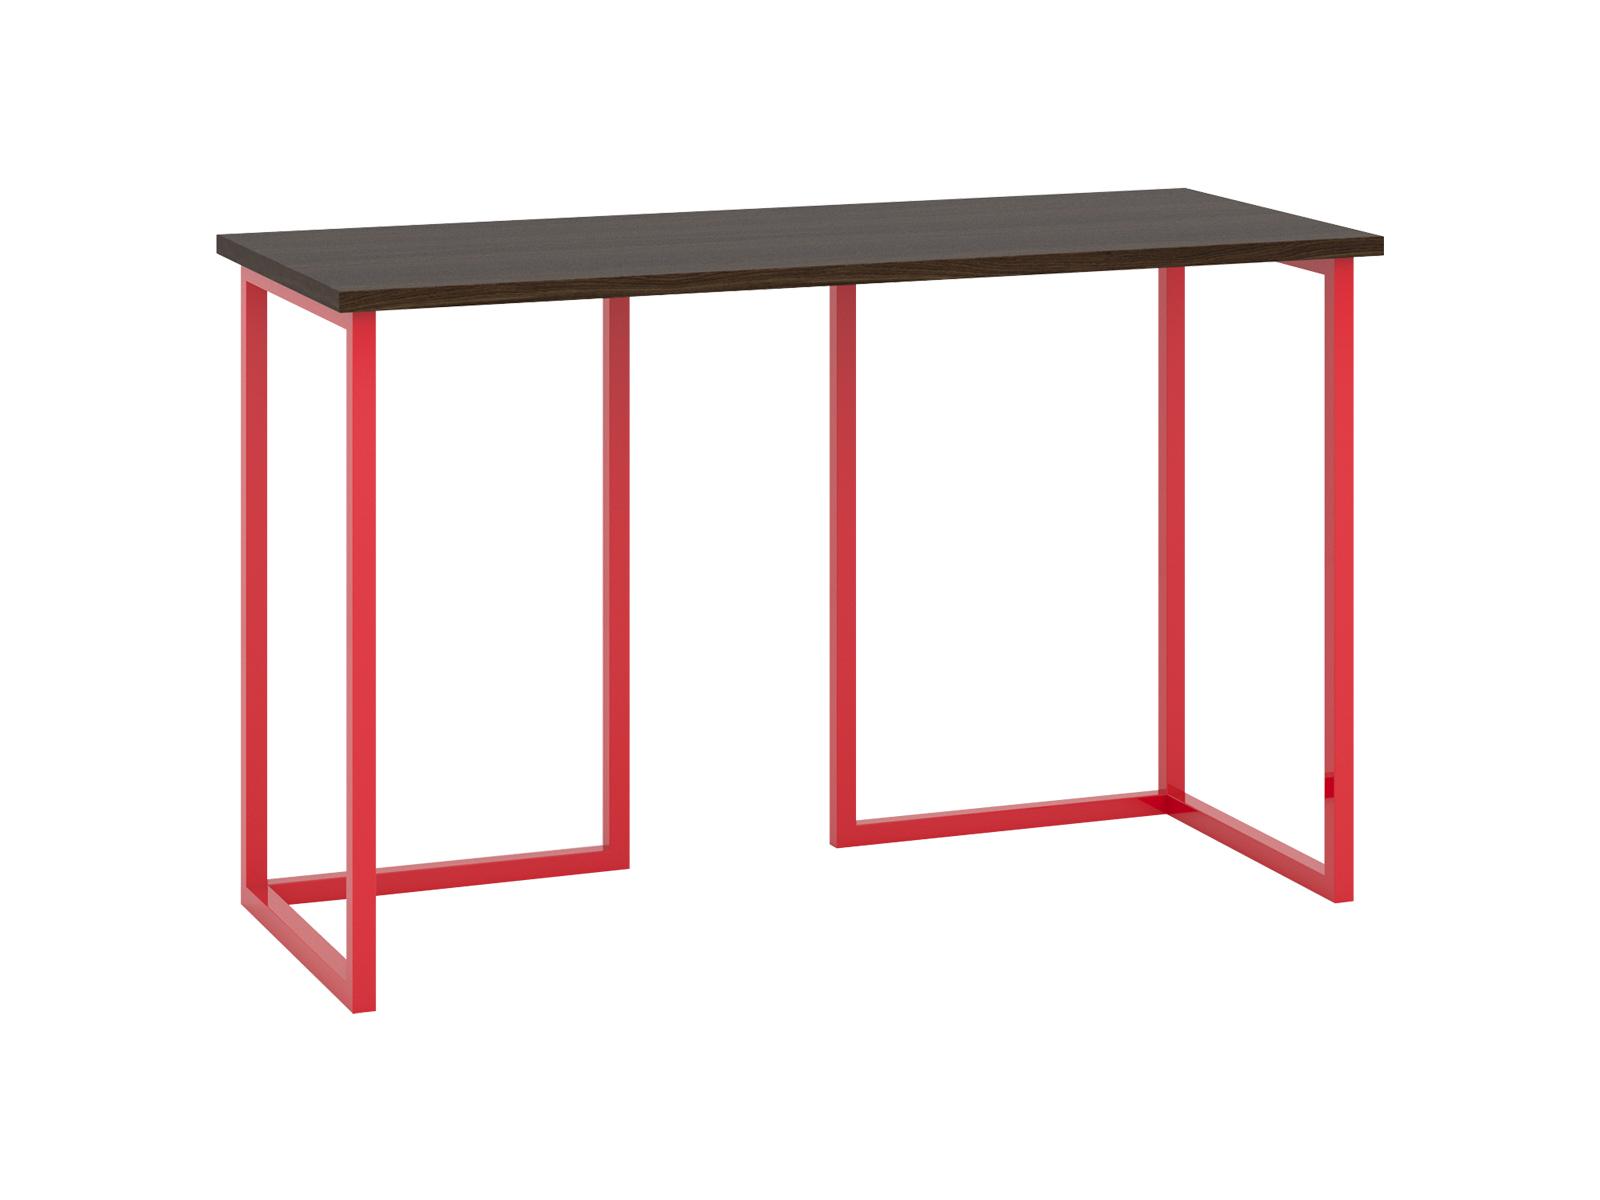 Стол BoardПисьменные столы<br>&amp;lt;div&amp;gt;Большой выбор столешниц и цветов оснований позволяет создавать комбинации, точно отвечающие вашим потребностям.&amp;lt;/div&amp;gt;&amp;lt;div&amp;gt;&amp;lt;br&amp;gt;&amp;lt;/div&amp;gt;&amp;lt;div&amp;gt;Материалы:&amp;lt;/div&amp;gt;&amp;lt;div&amp;gt;Основание: металл окрашенный.&amp;lt;/div&amp;gt;&amp;lt;div&amp;gt;Полки: ЛДСП 22мм.&amp;lt;/div&amp;gt;<br><br>Material: ДСП<br>Ширина см: 120<br>Высота см: 74<br>Глубина см: 50